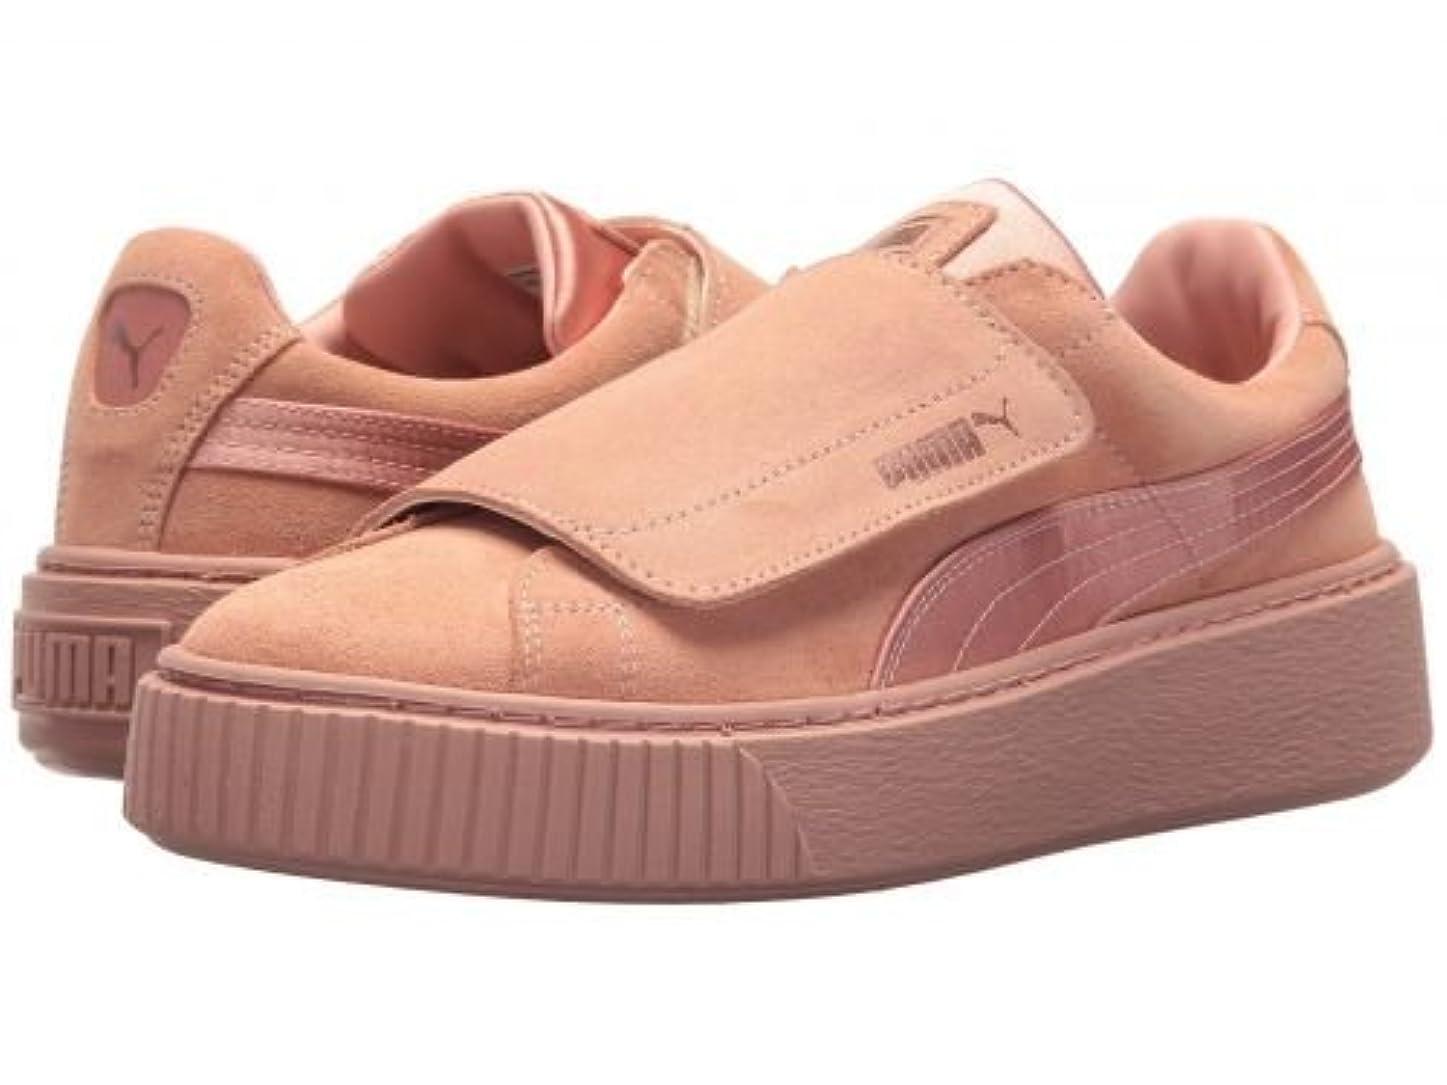 眉をひそめるフォーマル事PUMA(プーマ) レディース 女性用 シューズ 靴 スニーカー 運動靴 Platform Strap Satin EP - Peach Beige/Peach Beige/Rose Gold [並行輸入品]